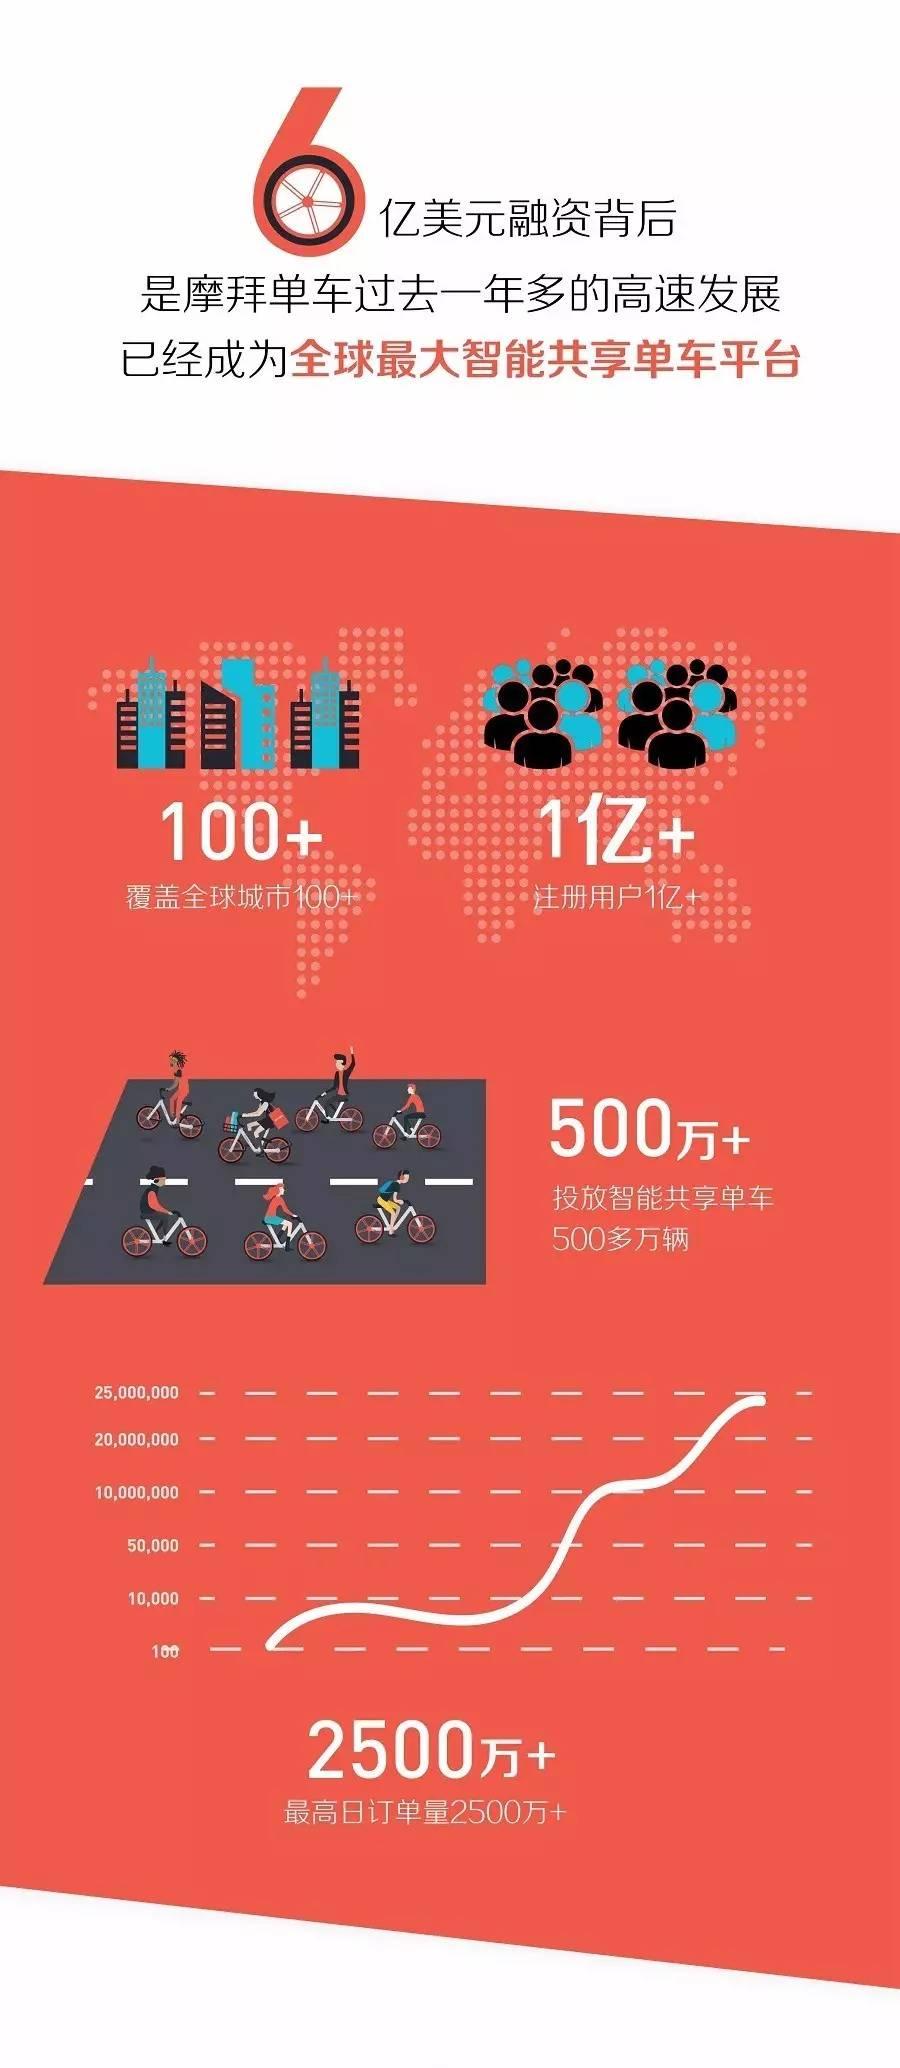 摩拜新一轮融资创纪录  继续强化国际化、物联网优势